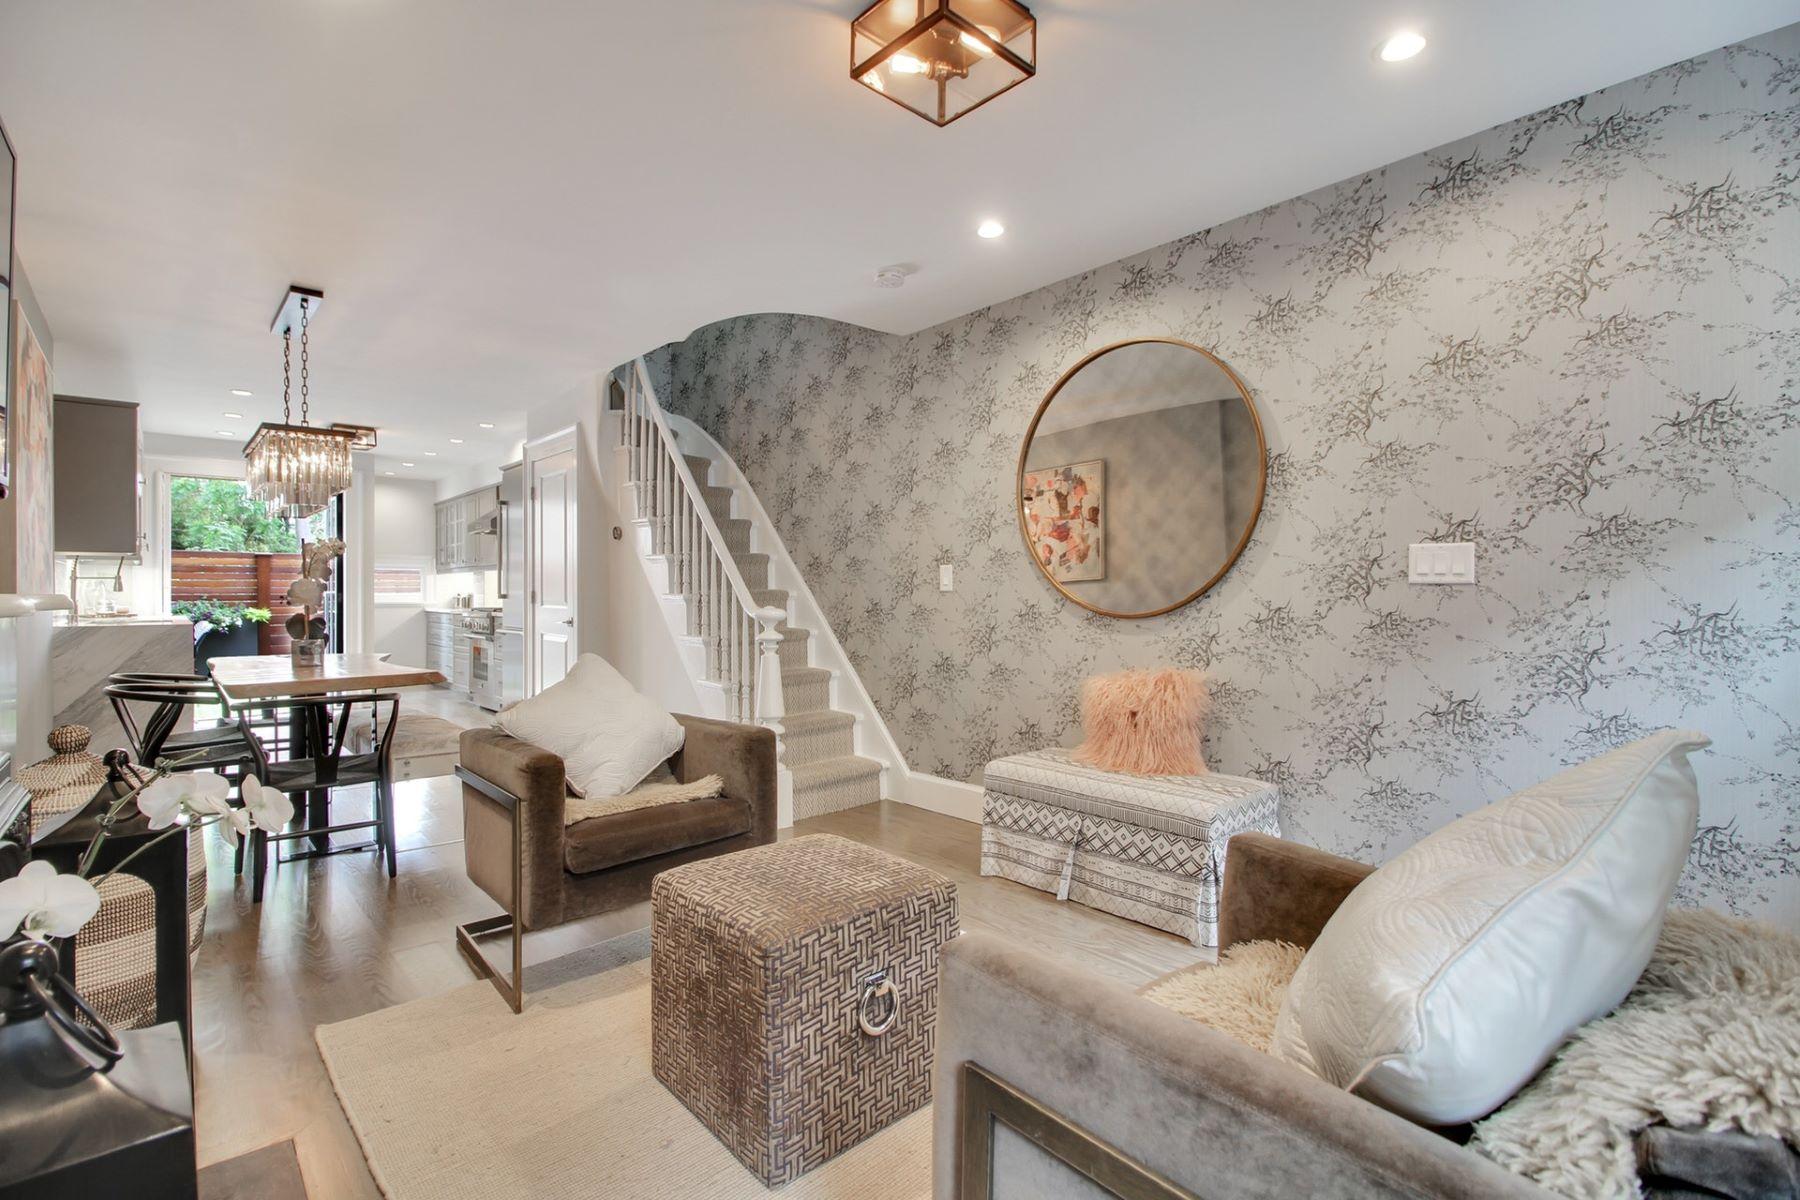 Maison unifamiliale pour l Vente à Reside in Luxury & Entertain in Style! 161.5 Coles St Jersey City, New Jersey 07302 États-Unis